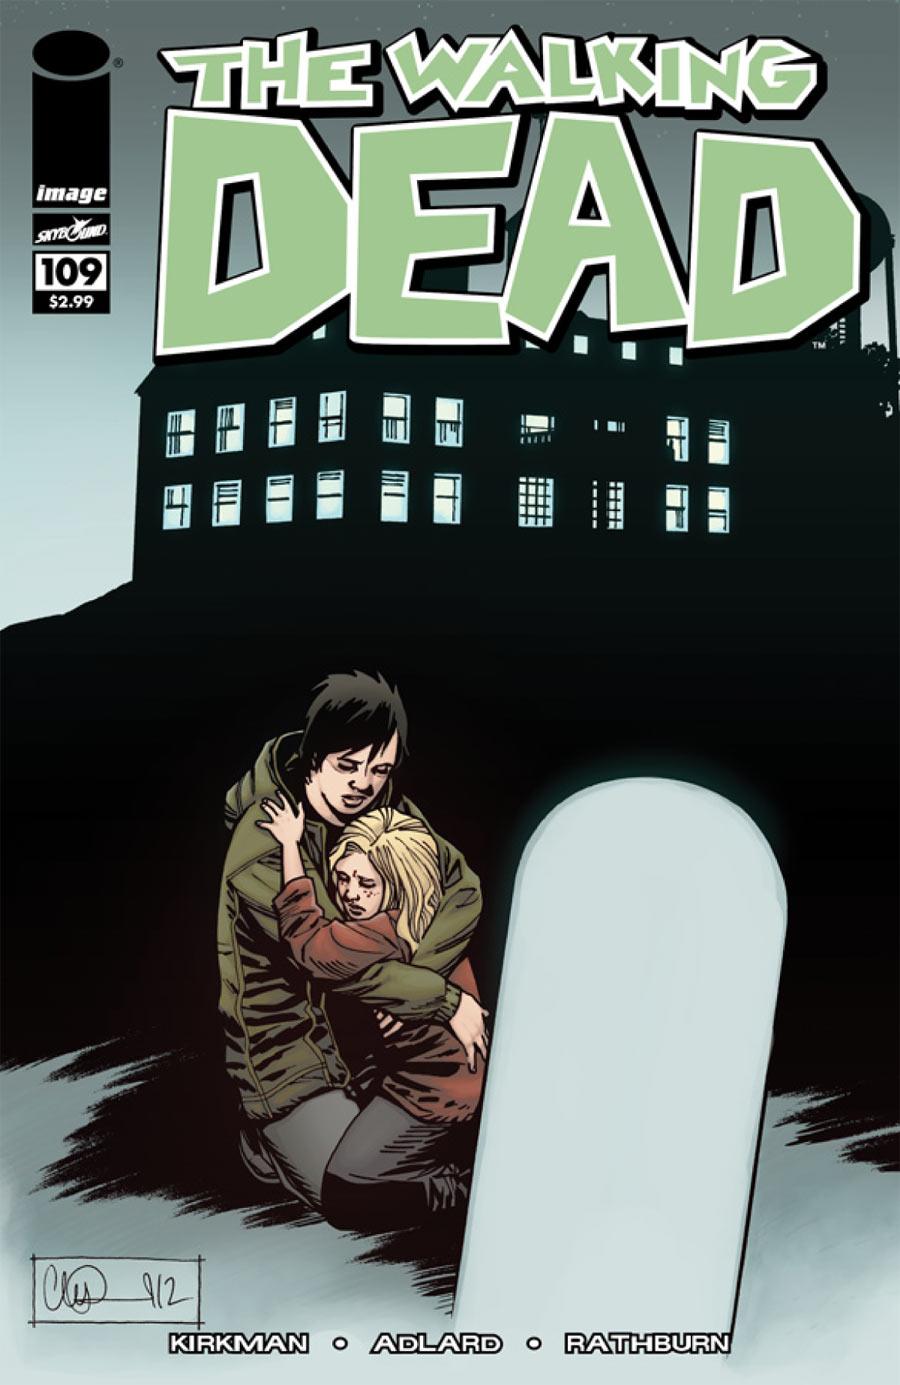 Walking Dead #109